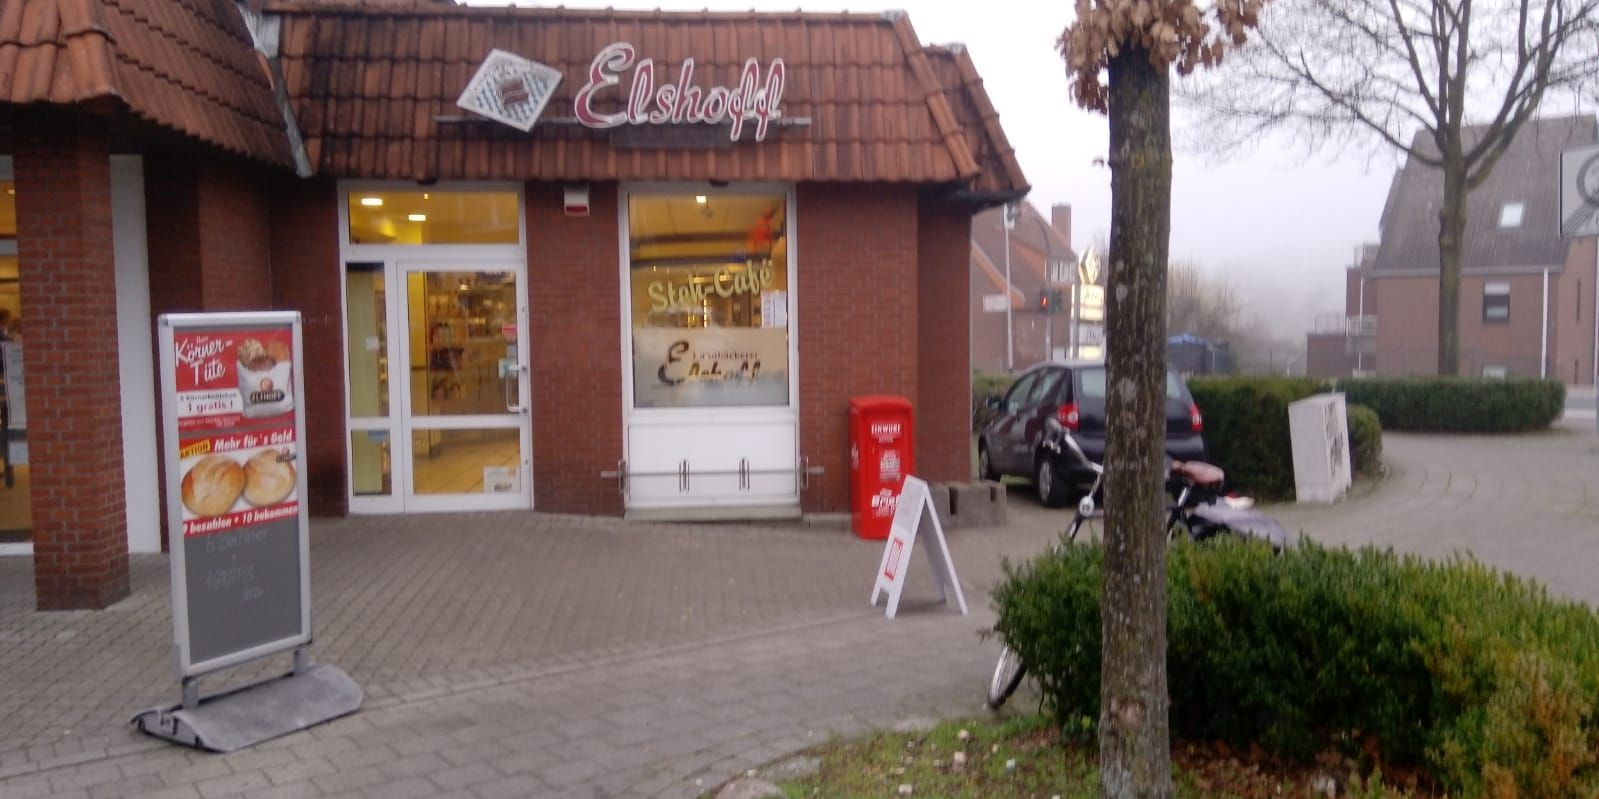 Bäckereifiliale mit Stehcafé in MS-Nienberge -